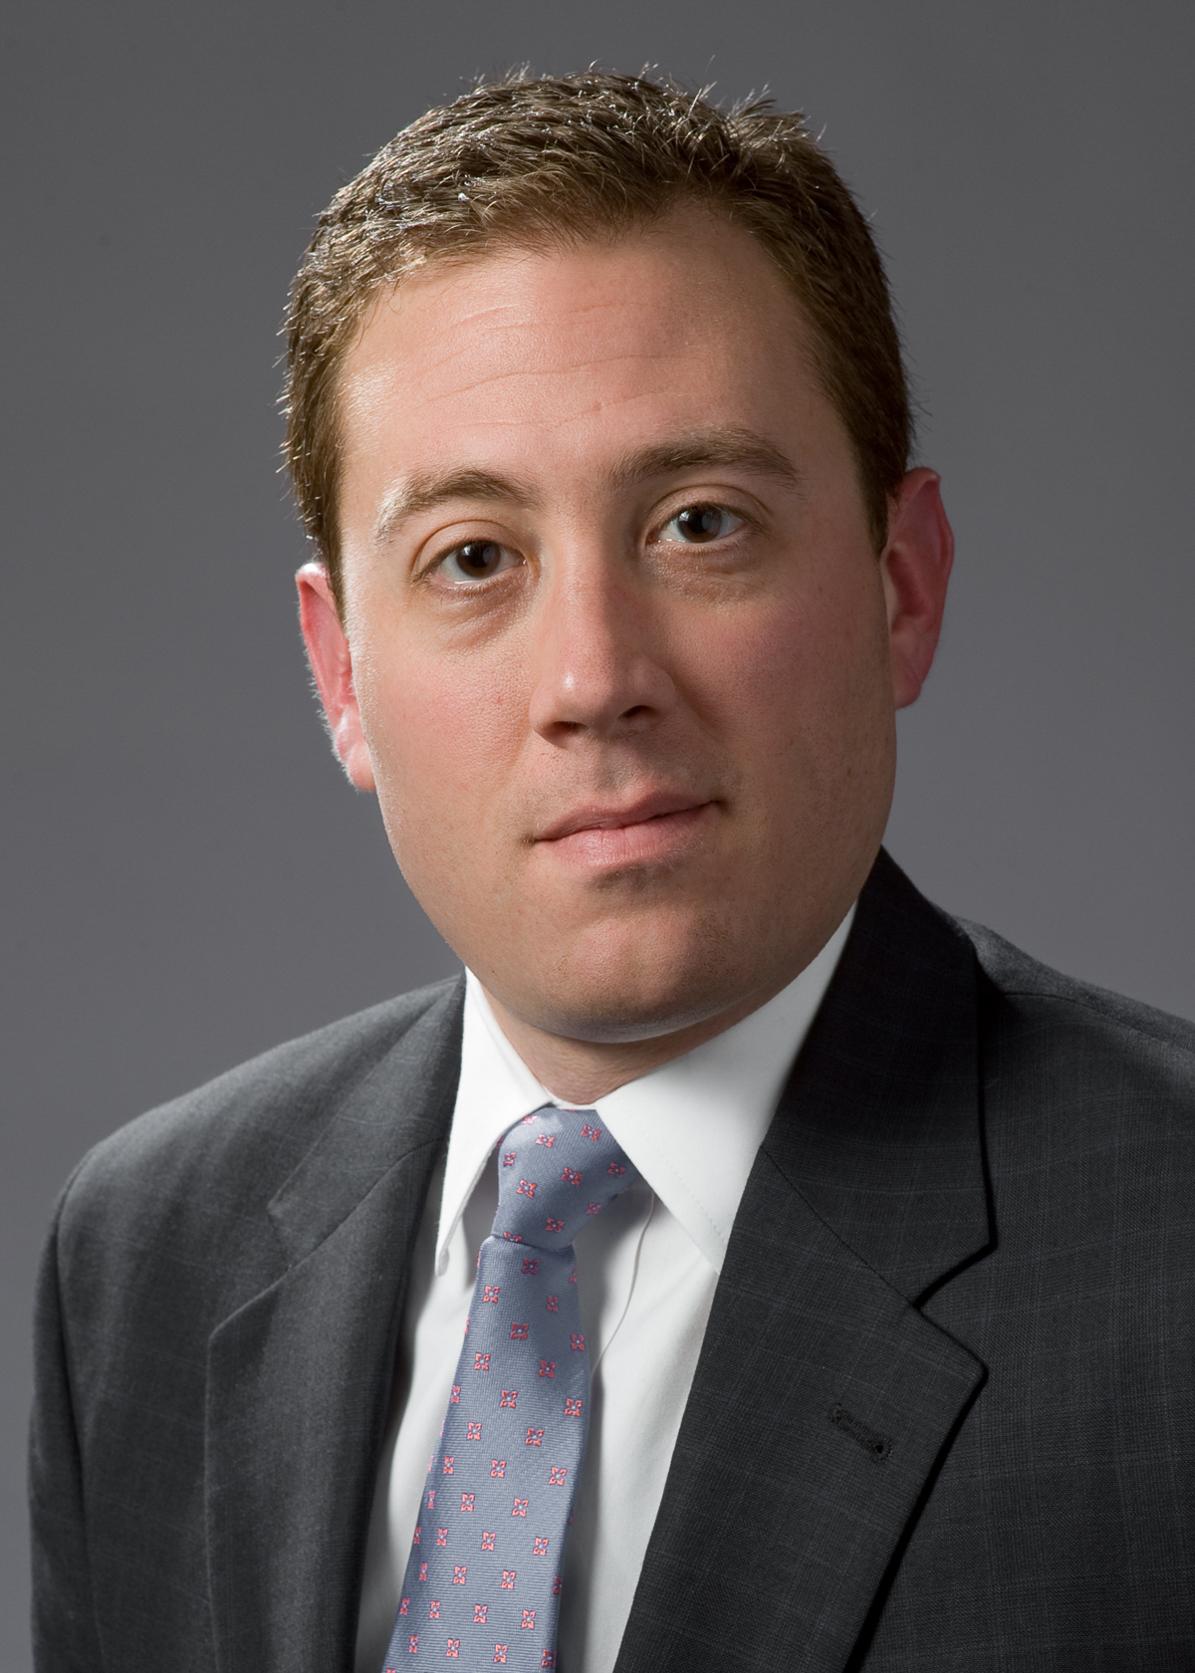 Michael P. Cardaropoli